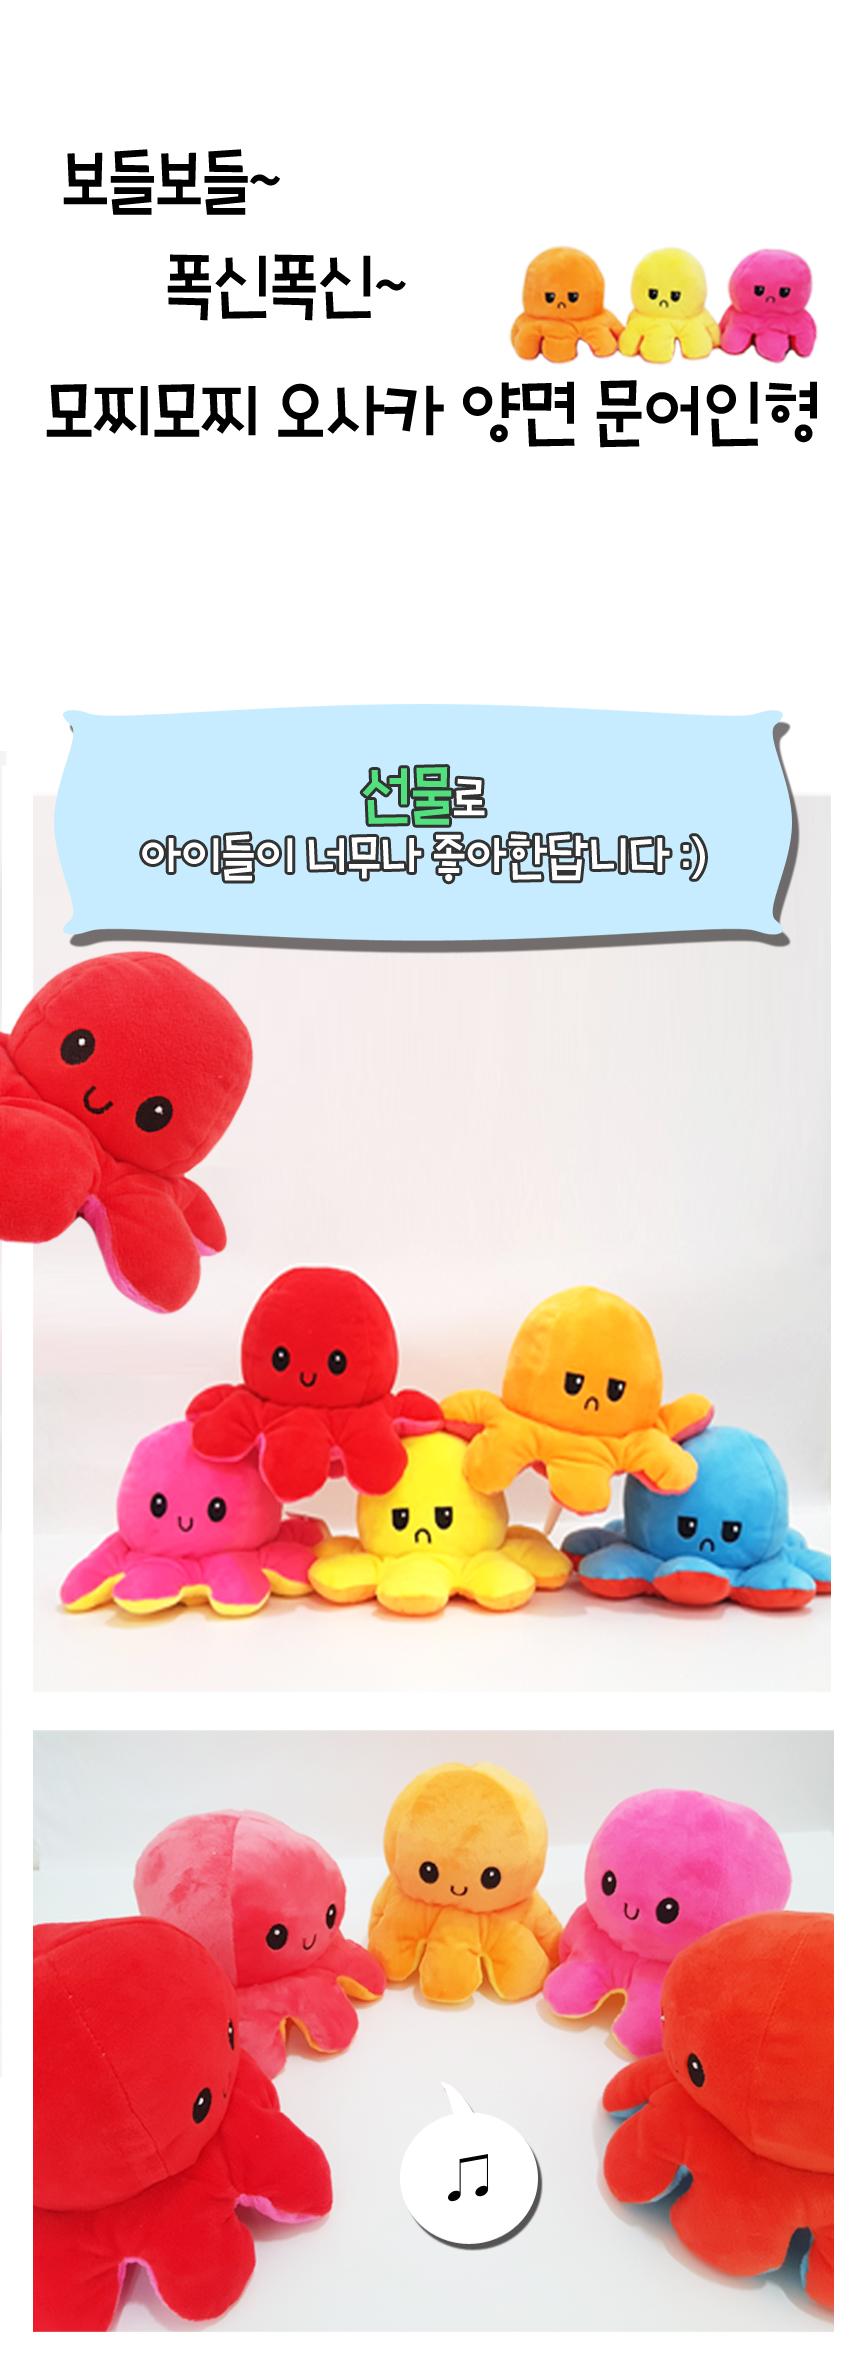 OctopusDoll_03.jpg